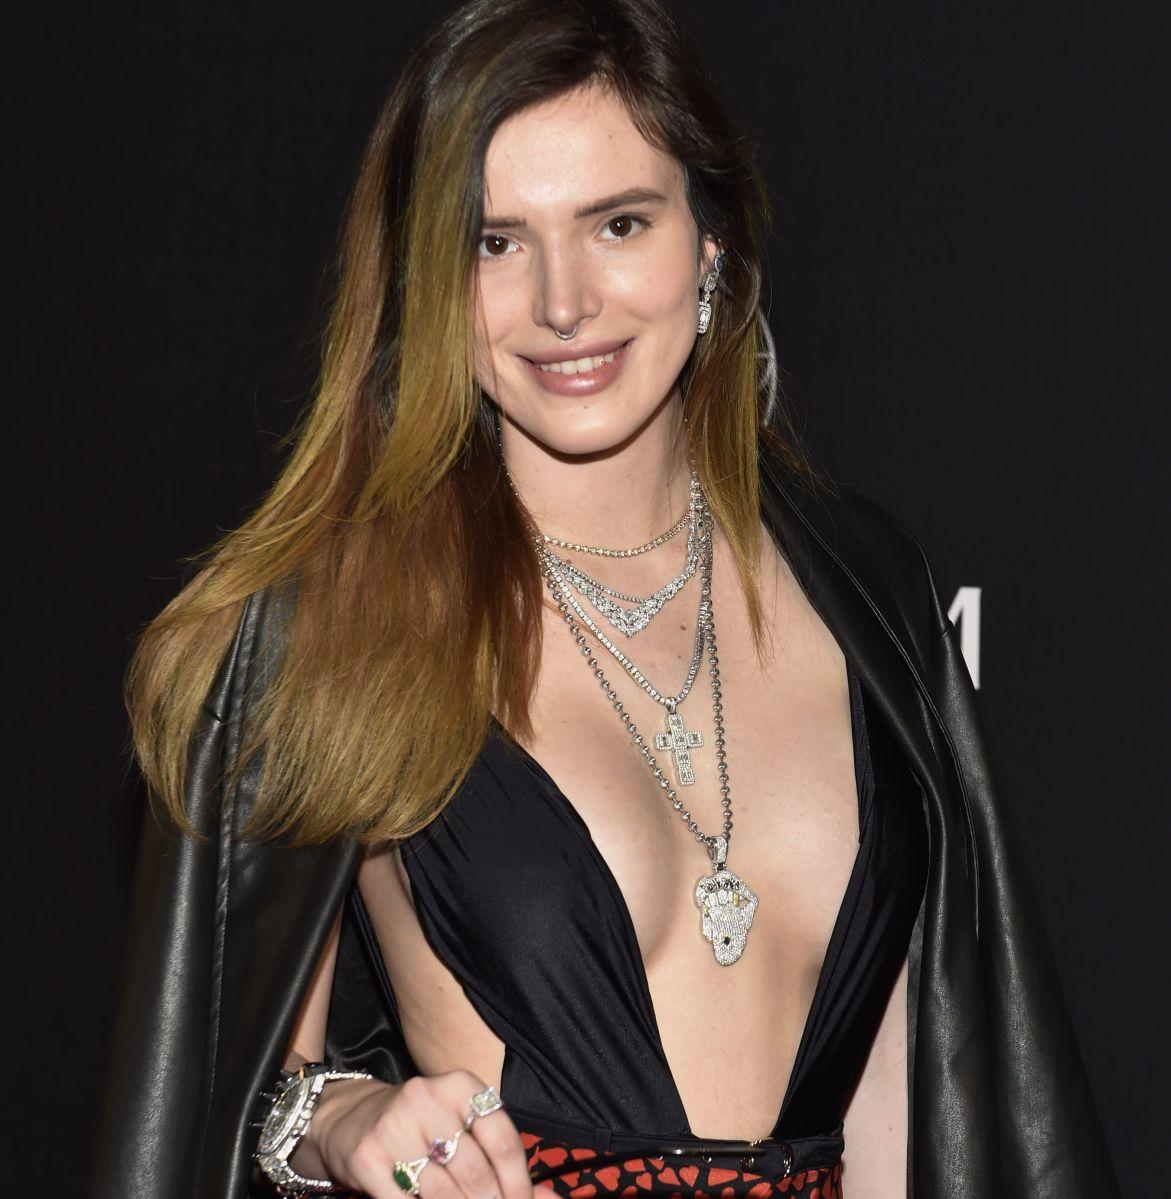 Bella Thorne trabajó con la actriz porno Abella Danger en un videoclip pero descartó estar frente a cámaras